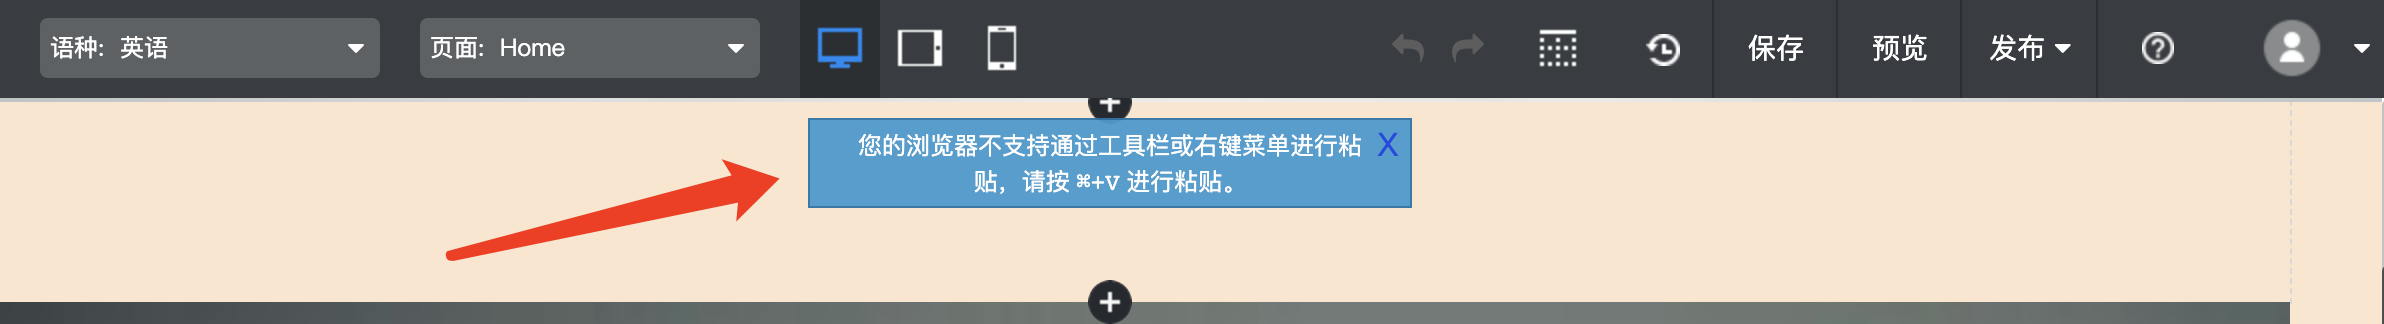 粘贴提_(04-12-18-37-54)